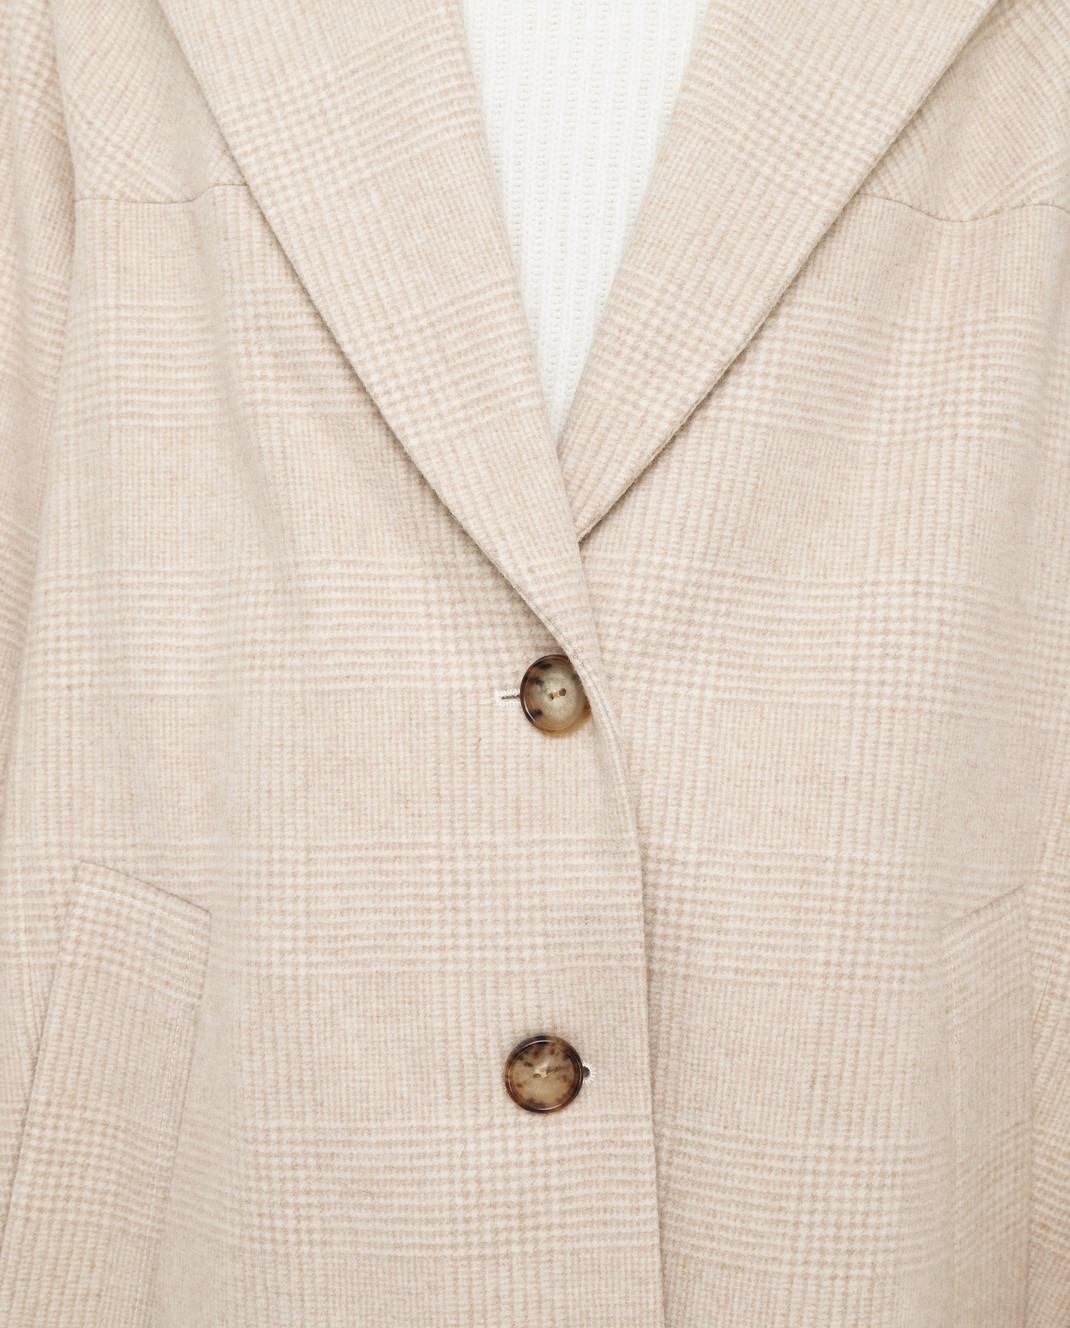 NINA RICCI Светло-бежевое пальто из шерсти изображение 5